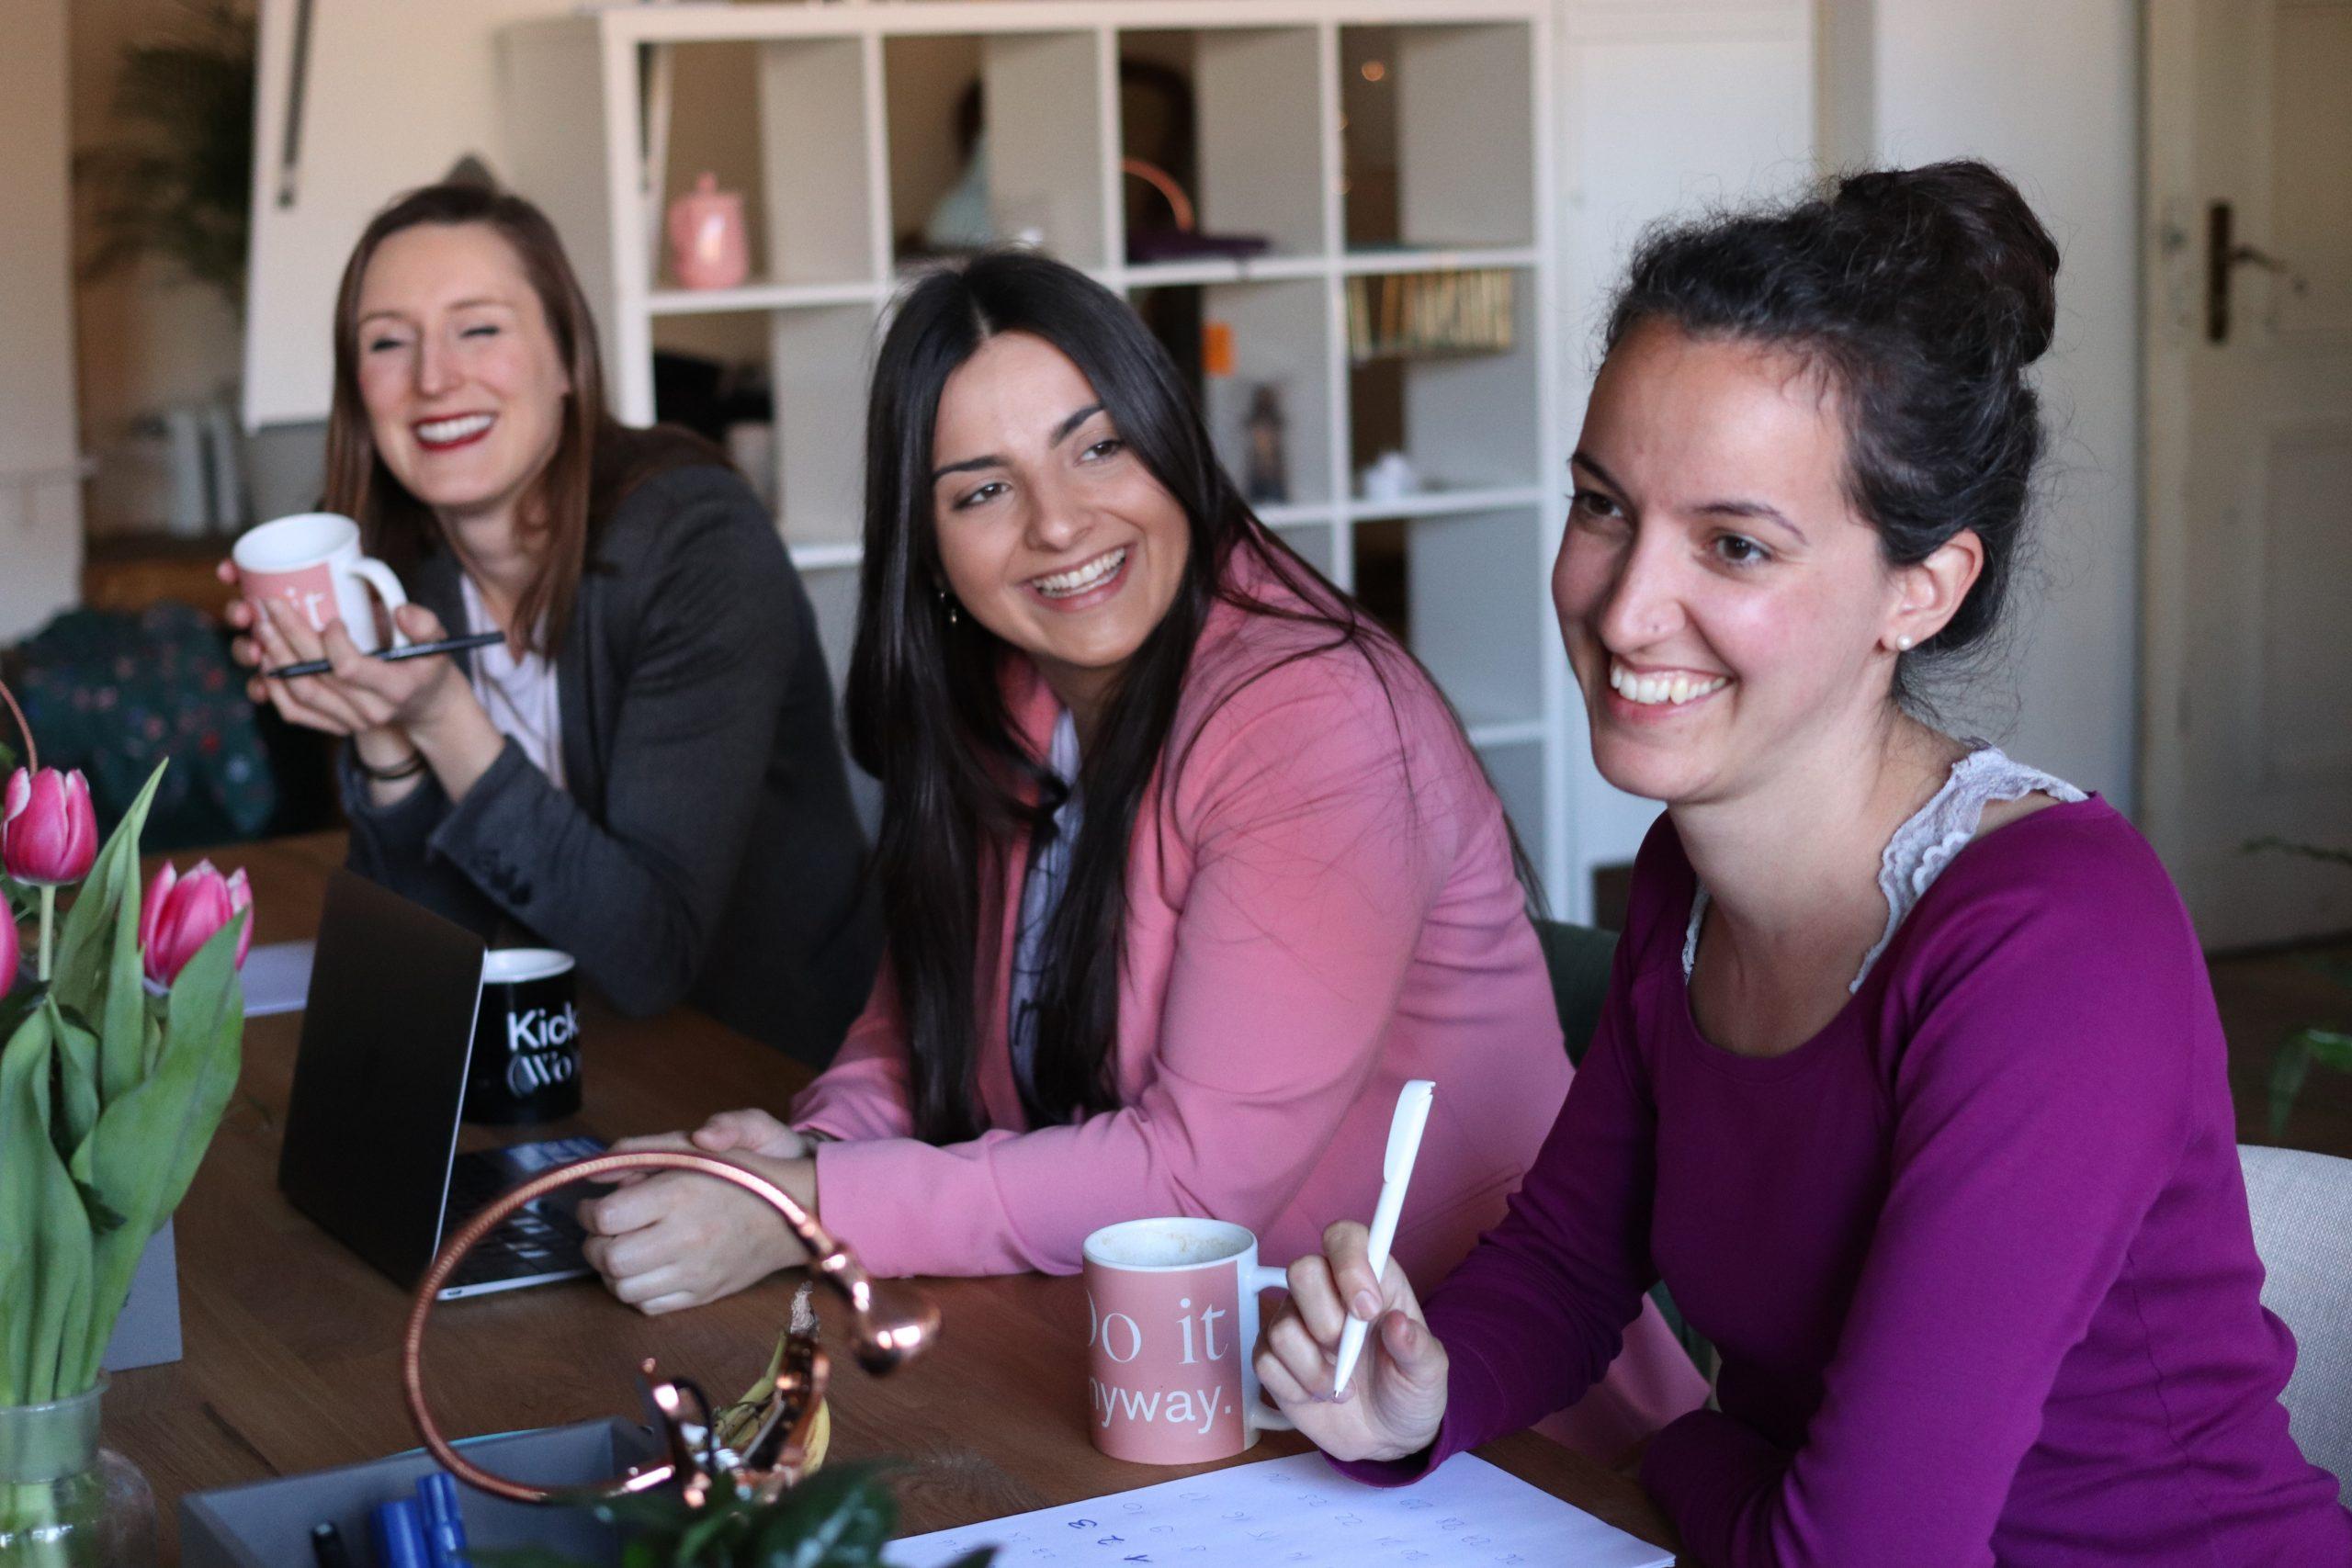 Photo de CoWomen provenant de Pexels.v1